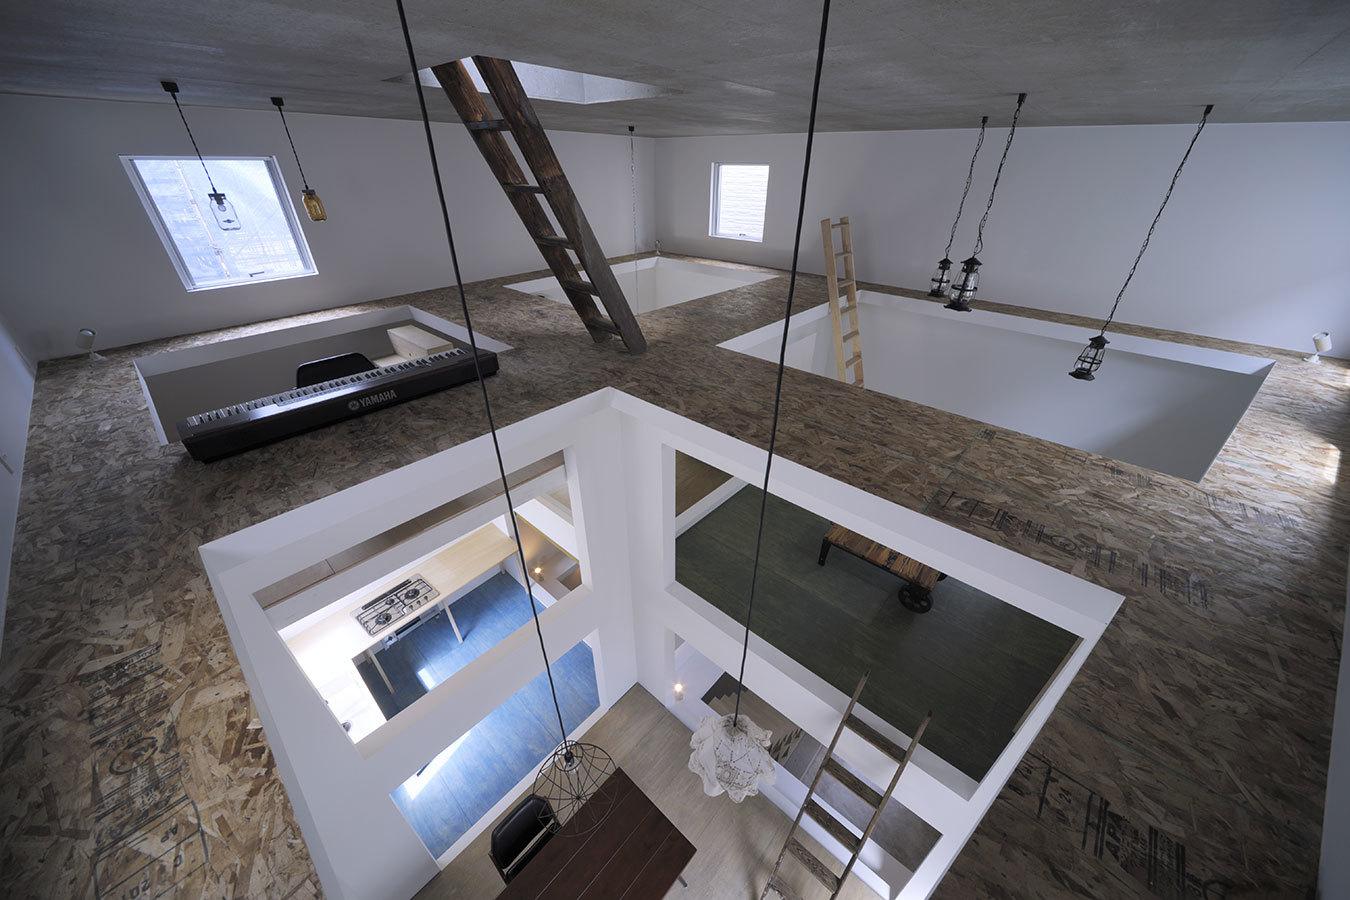 Foto de Casas poco convencionales: viviendo en una estantería gigante (7/14)